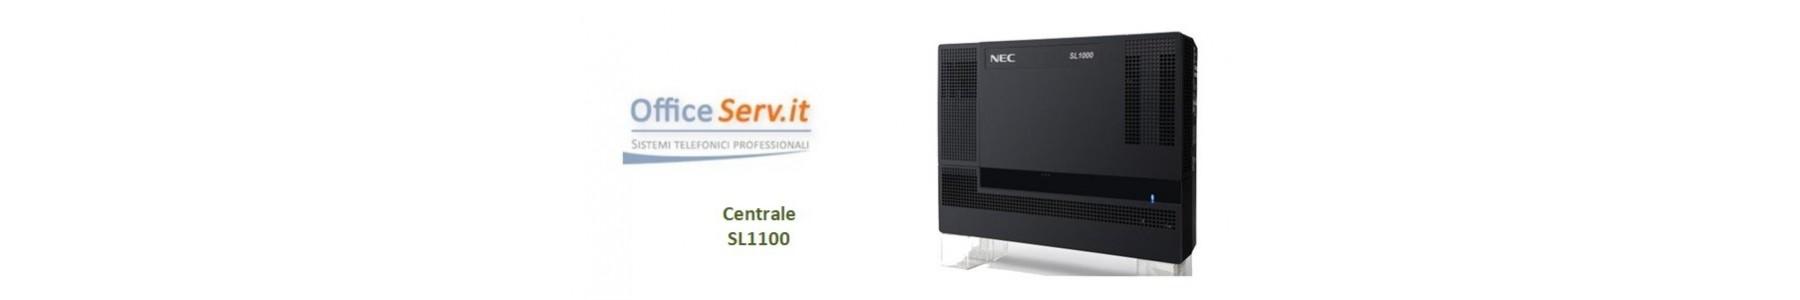 CENTRALE  SL1100